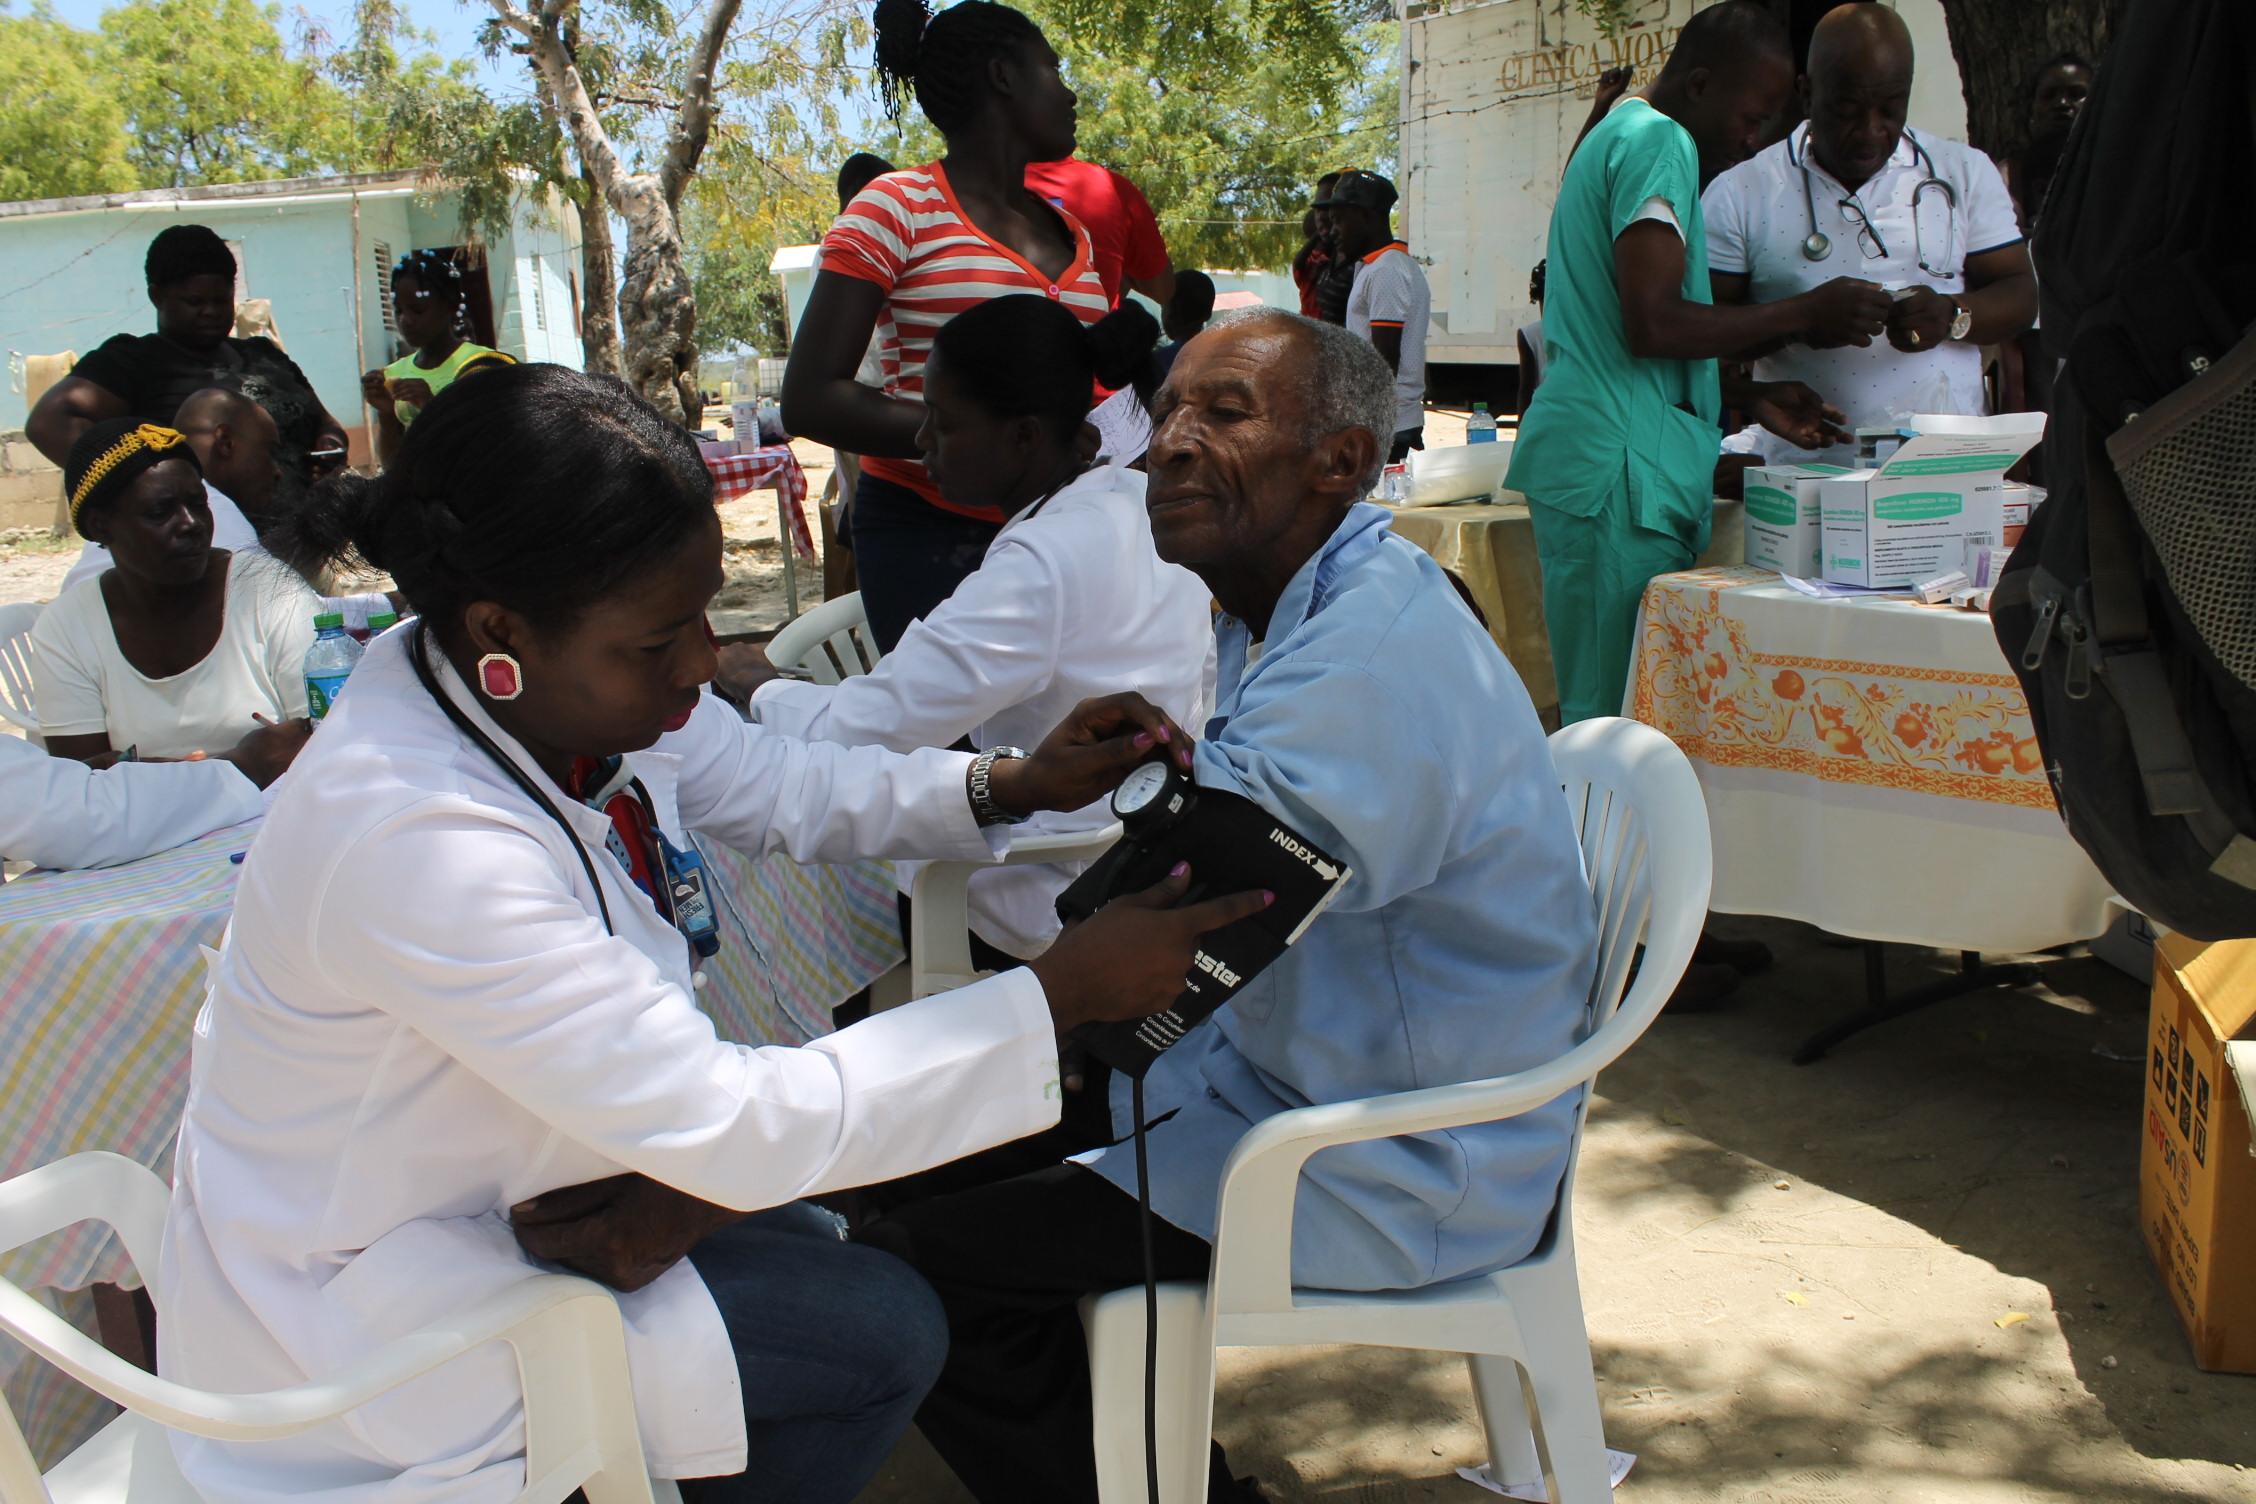 Haití, más de una década de atención sanitaria y de prevención del riesgo ante desastres